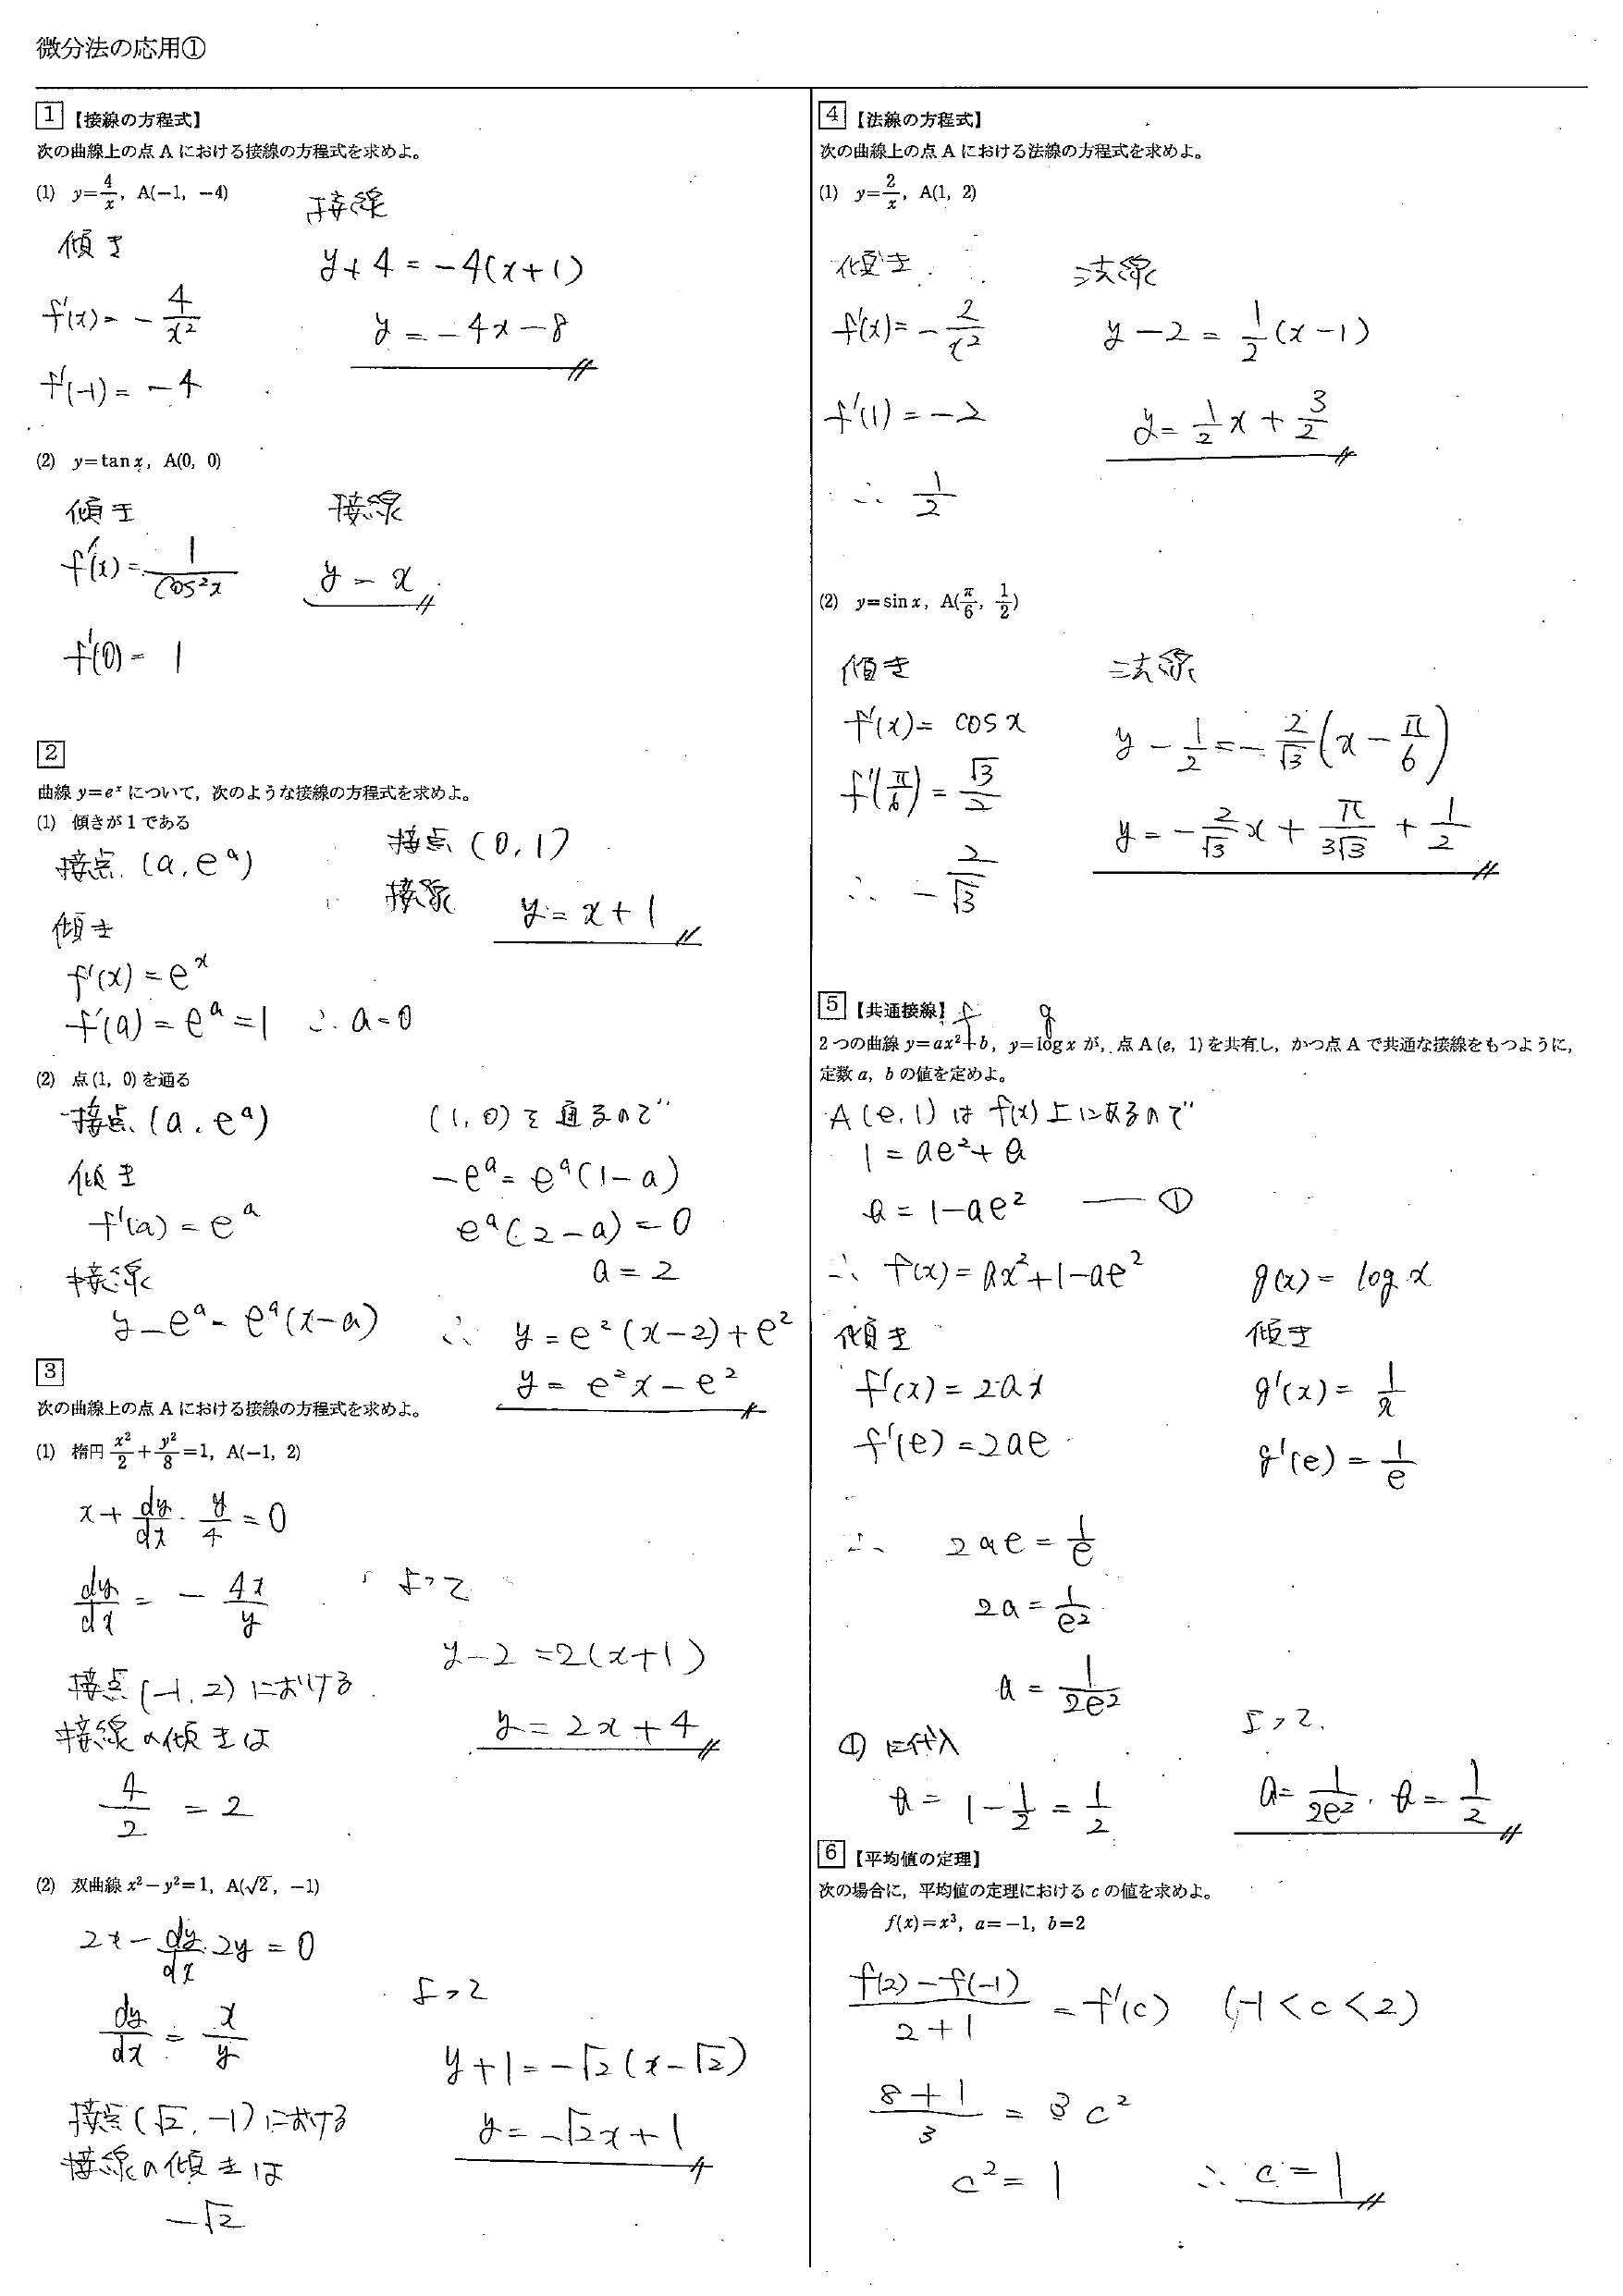 数Ⅲ 微分法の応用 まとめ 一覧 問題 解答